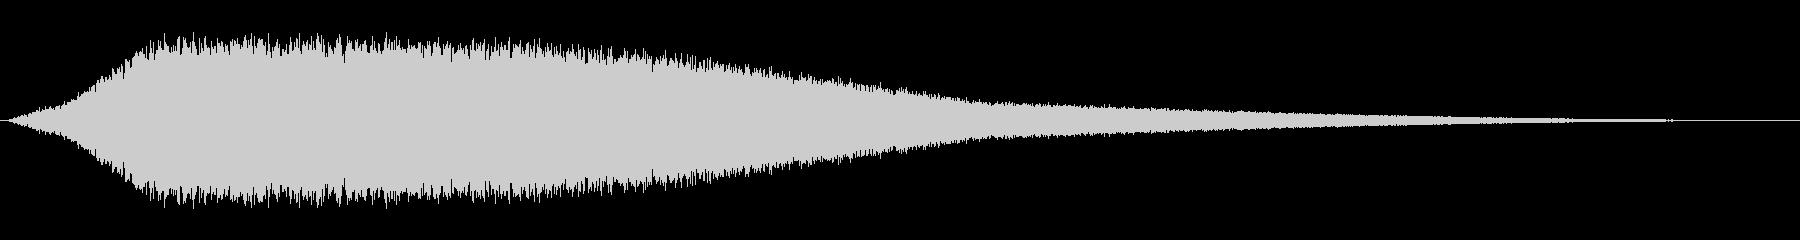 シューッという音EC07_81_1の未再生の波形